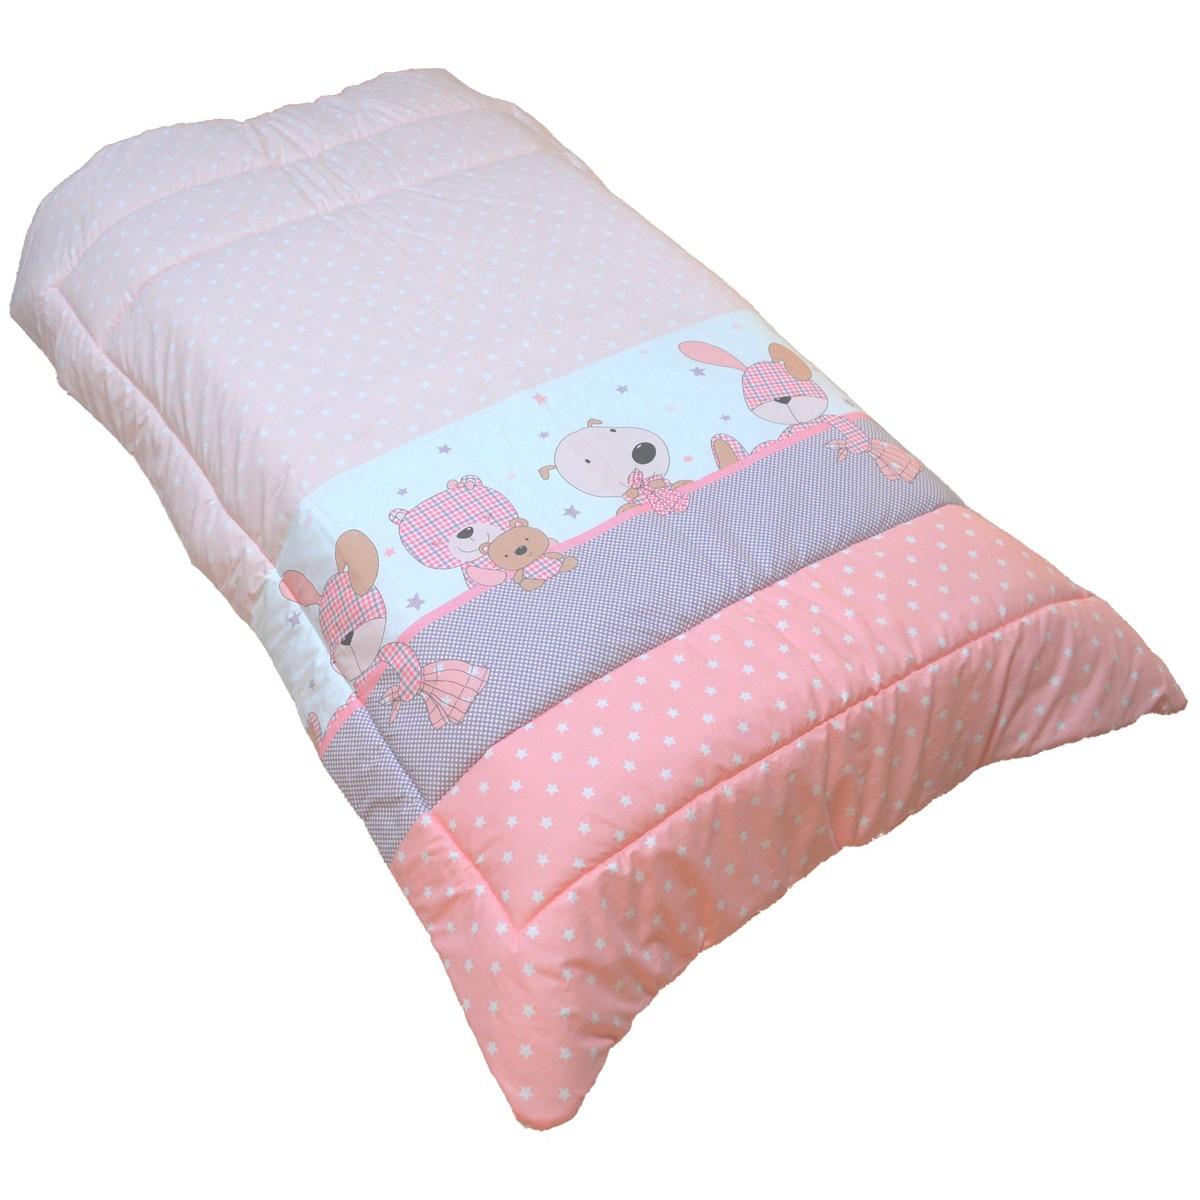 Πάπλωμα Κούνιας Κόσμος Του Μωρού 0685 Stars Ροζ